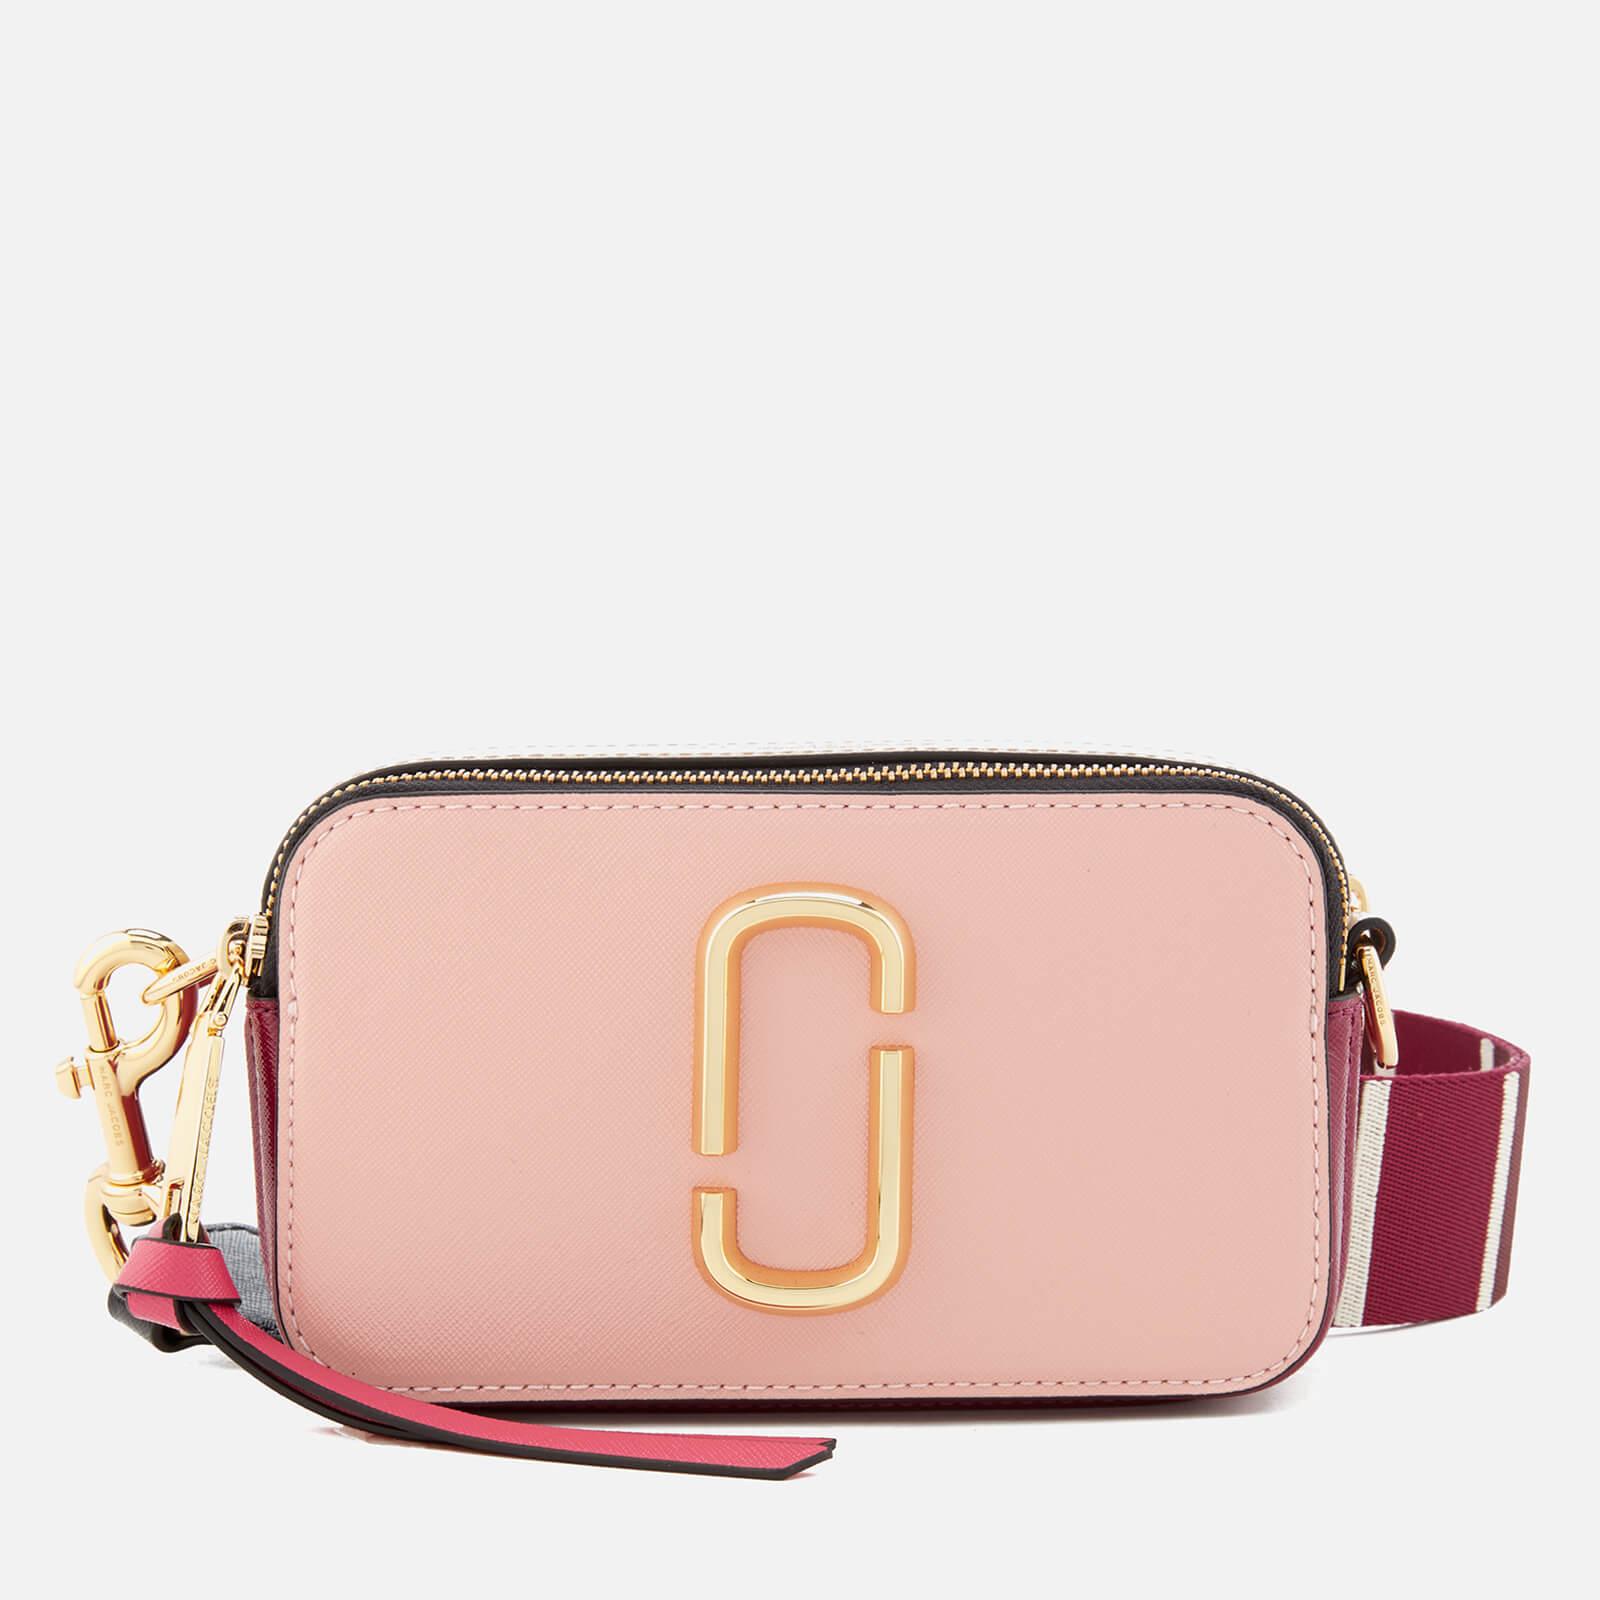 Marc Jacobs Women's Snapshot Cross Body Bag - Rose Multi